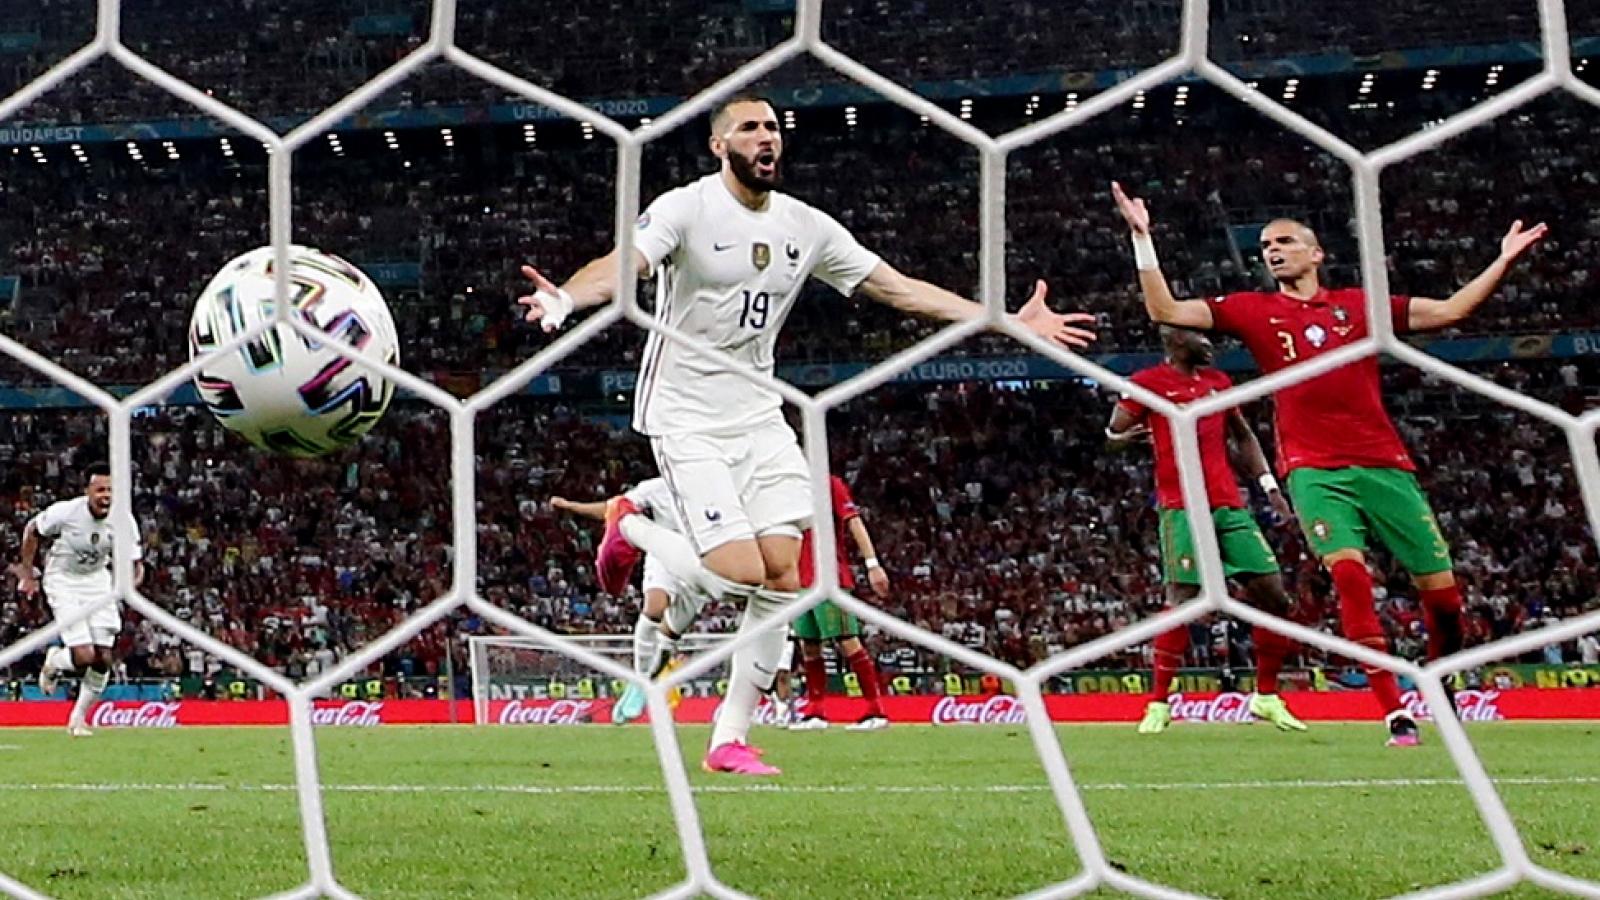 TRỰC TIẾP bóng đá Bồ Đào Nha 1 - 2 Pháp: Benzema lập cú đúp